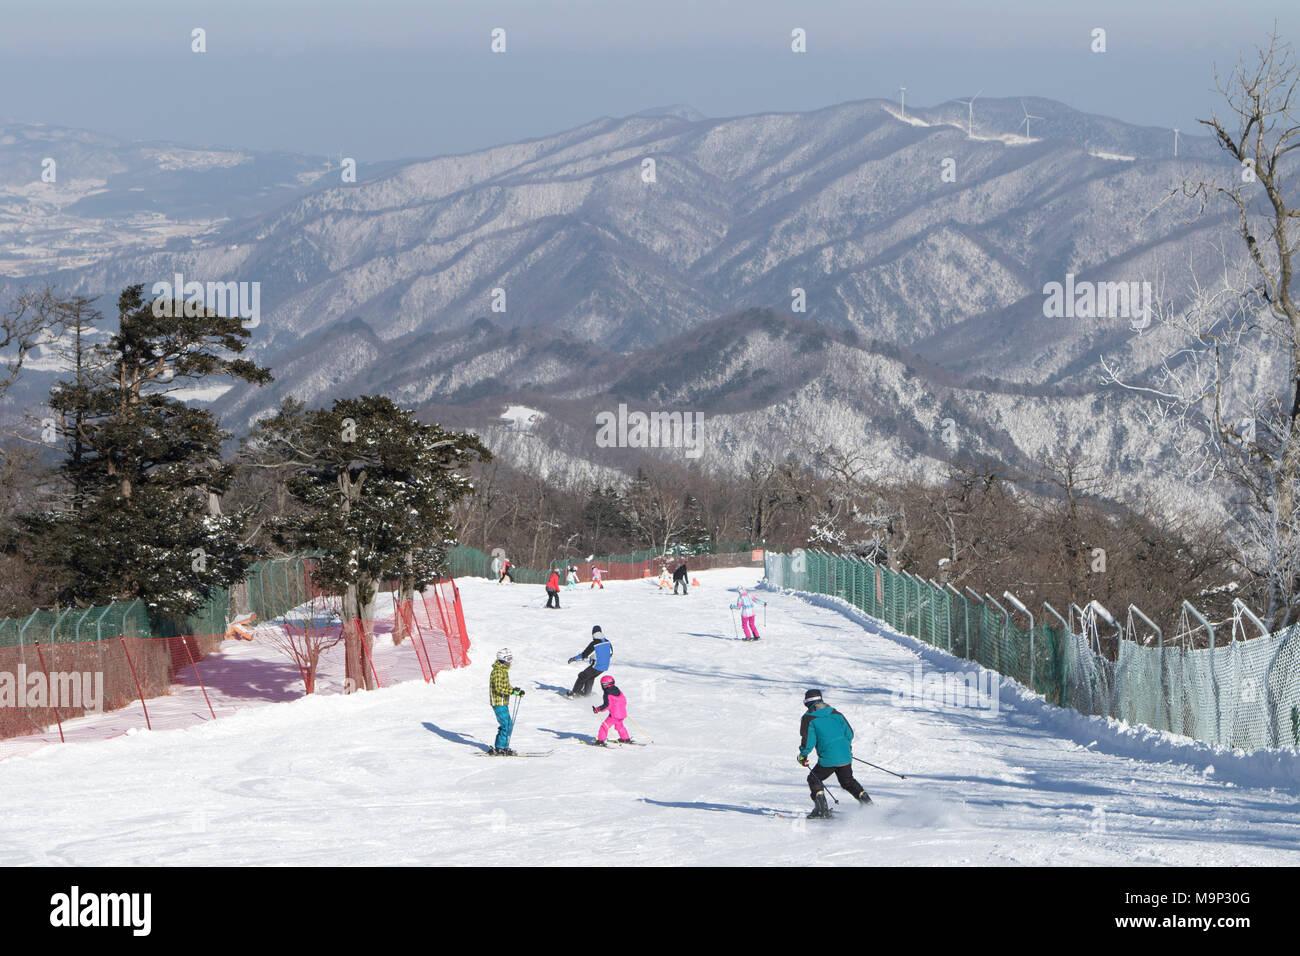 """Una mirada hacia abajo el arco iris Paradise ejecutan a Yongpyong resort, que es la ascendencia Olímpica para los Juegos de Invierno de 2018. Yongpyong (Valle del dragón) Estación de Esquí es una estación de esquí en Corea del Sur, ubicada en Daegwallyeong-myeon, Pyeongchang, Gangwon-do. Es el mayor complejo de esquí y snowboard en Corea. Yongpyong acogerá la técnica eventos de esquí alpino de los Juegos Olímpicos y Paralímpicos de Invierno de 2018 en Pyeongchang. Algunas escenas del 2002 Sistema de Radiodifusión de Corea drama """"Sonata de Invierno"""" fueron filmadas en el complejo. Imagen De Stock"""